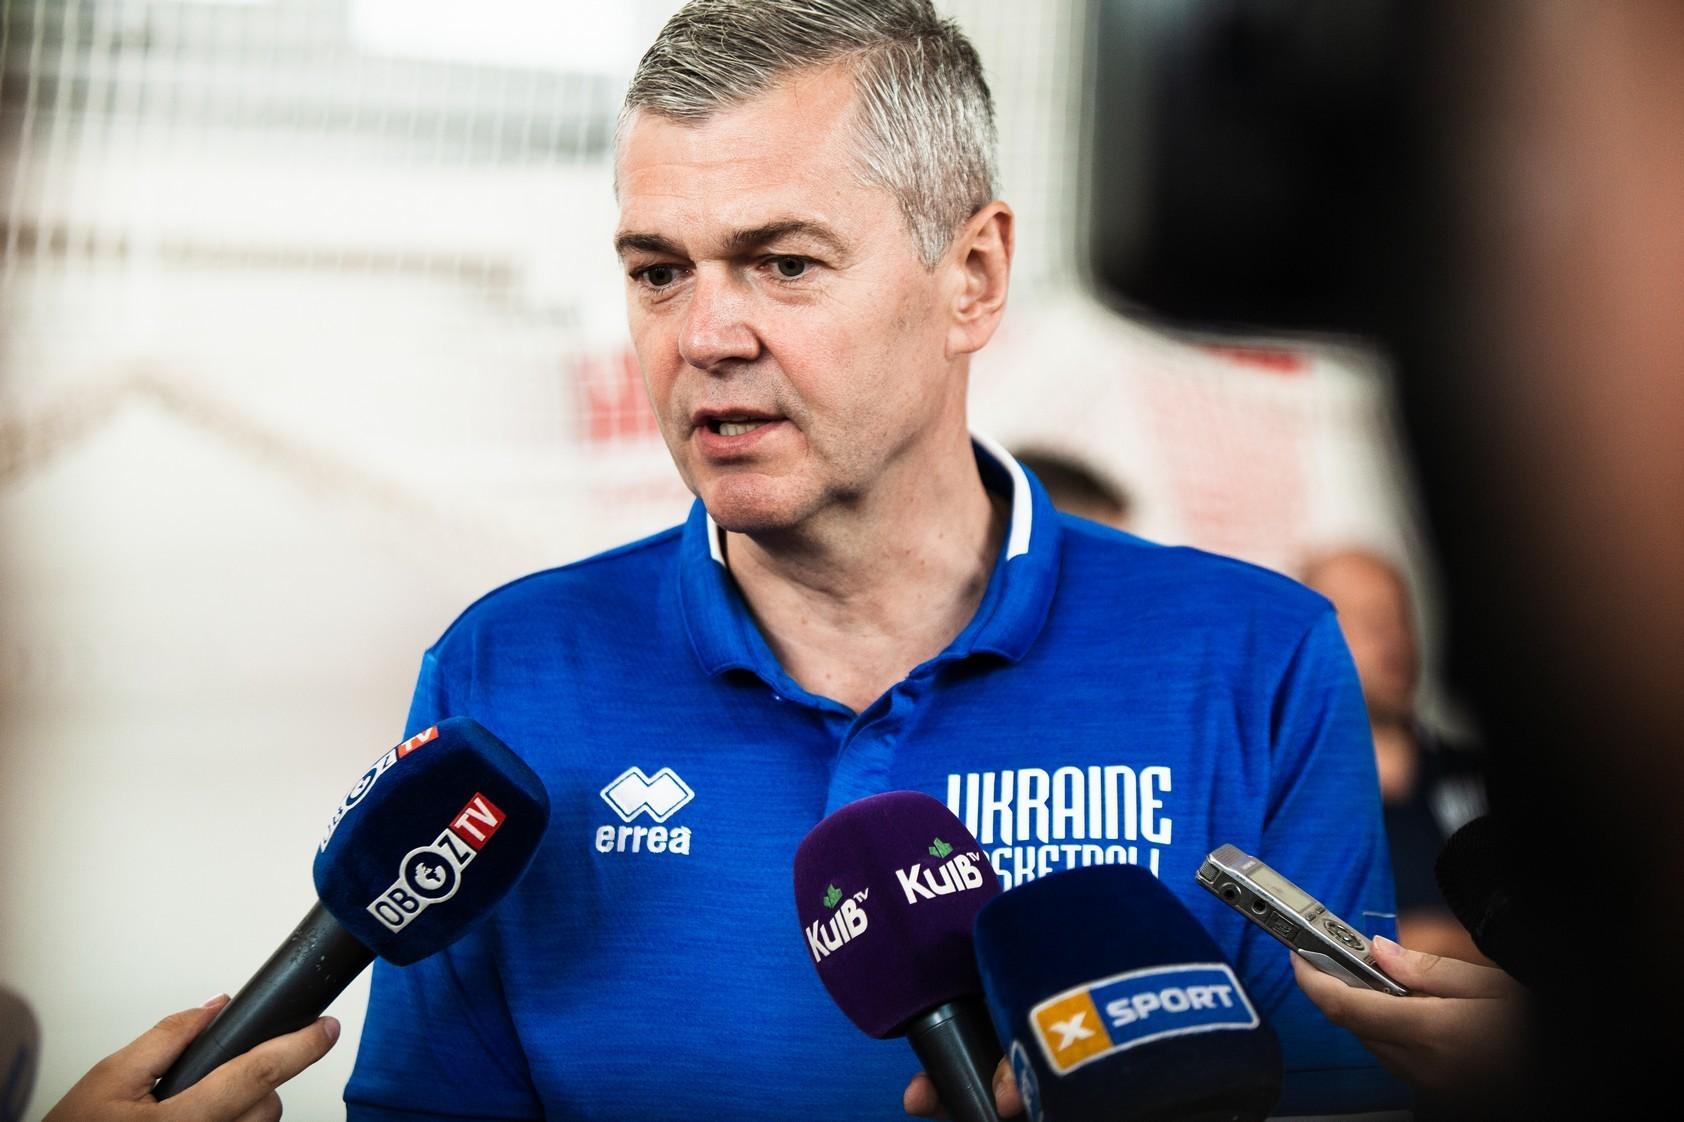 Національна чоловічна збірна України зіграє перший матч з новим тренером